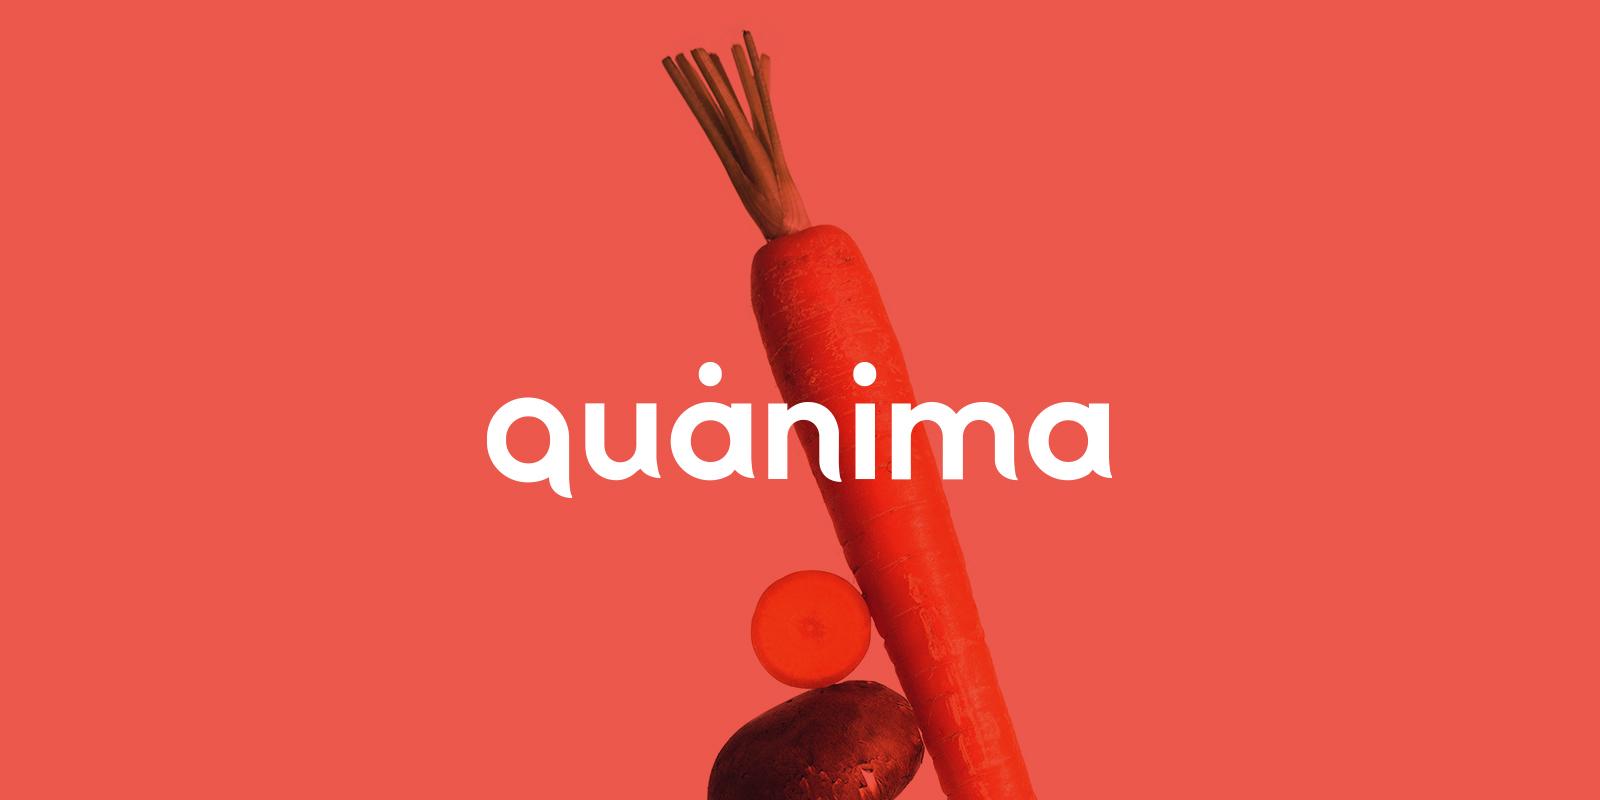 Marca branding consultora nutrición quánima Menorca